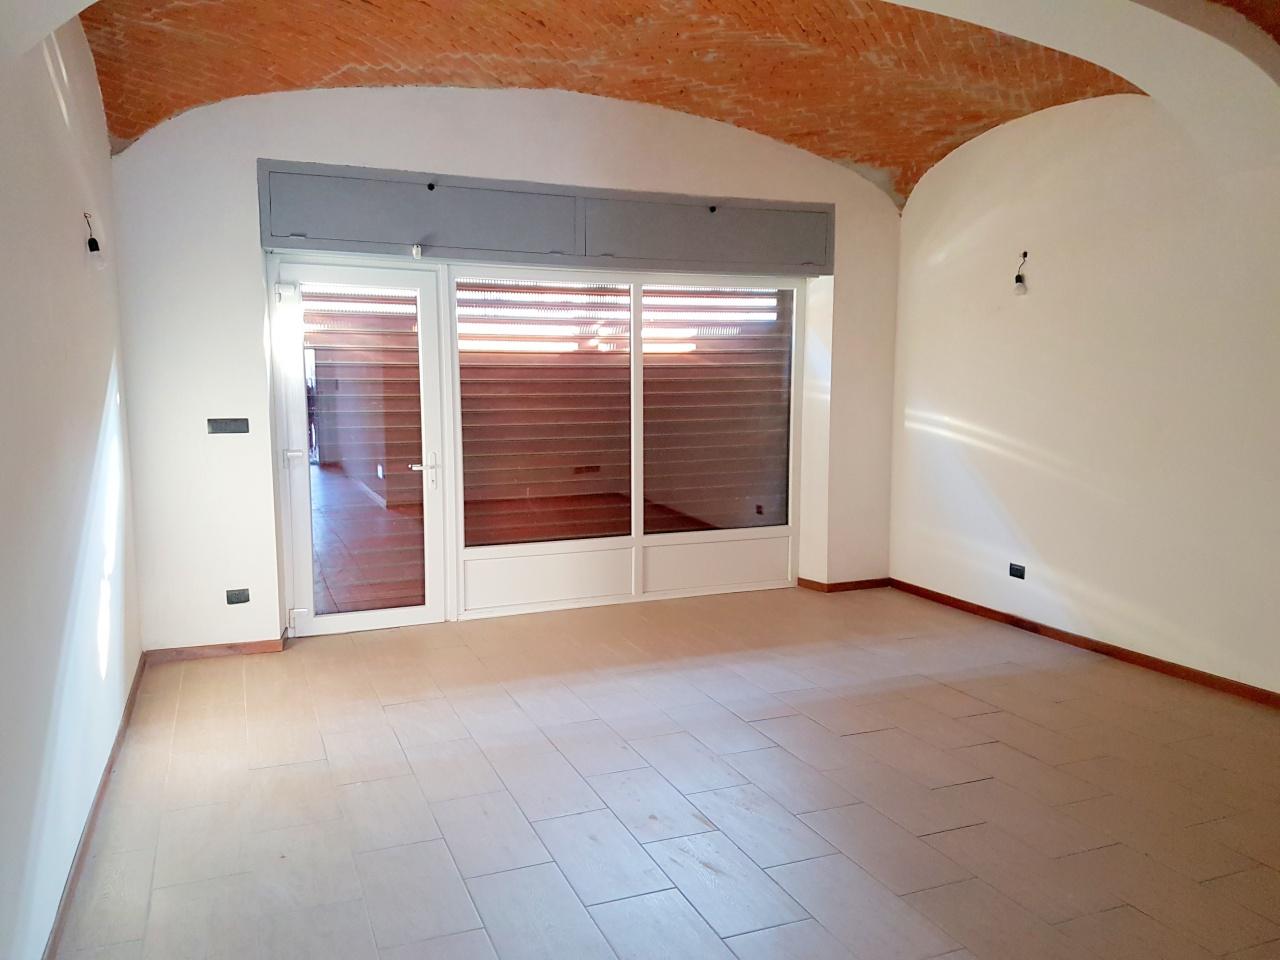 Negozio / Locale in affitto a Chivasso, 1 locali, prezzo € 700 | CambioCasa.it